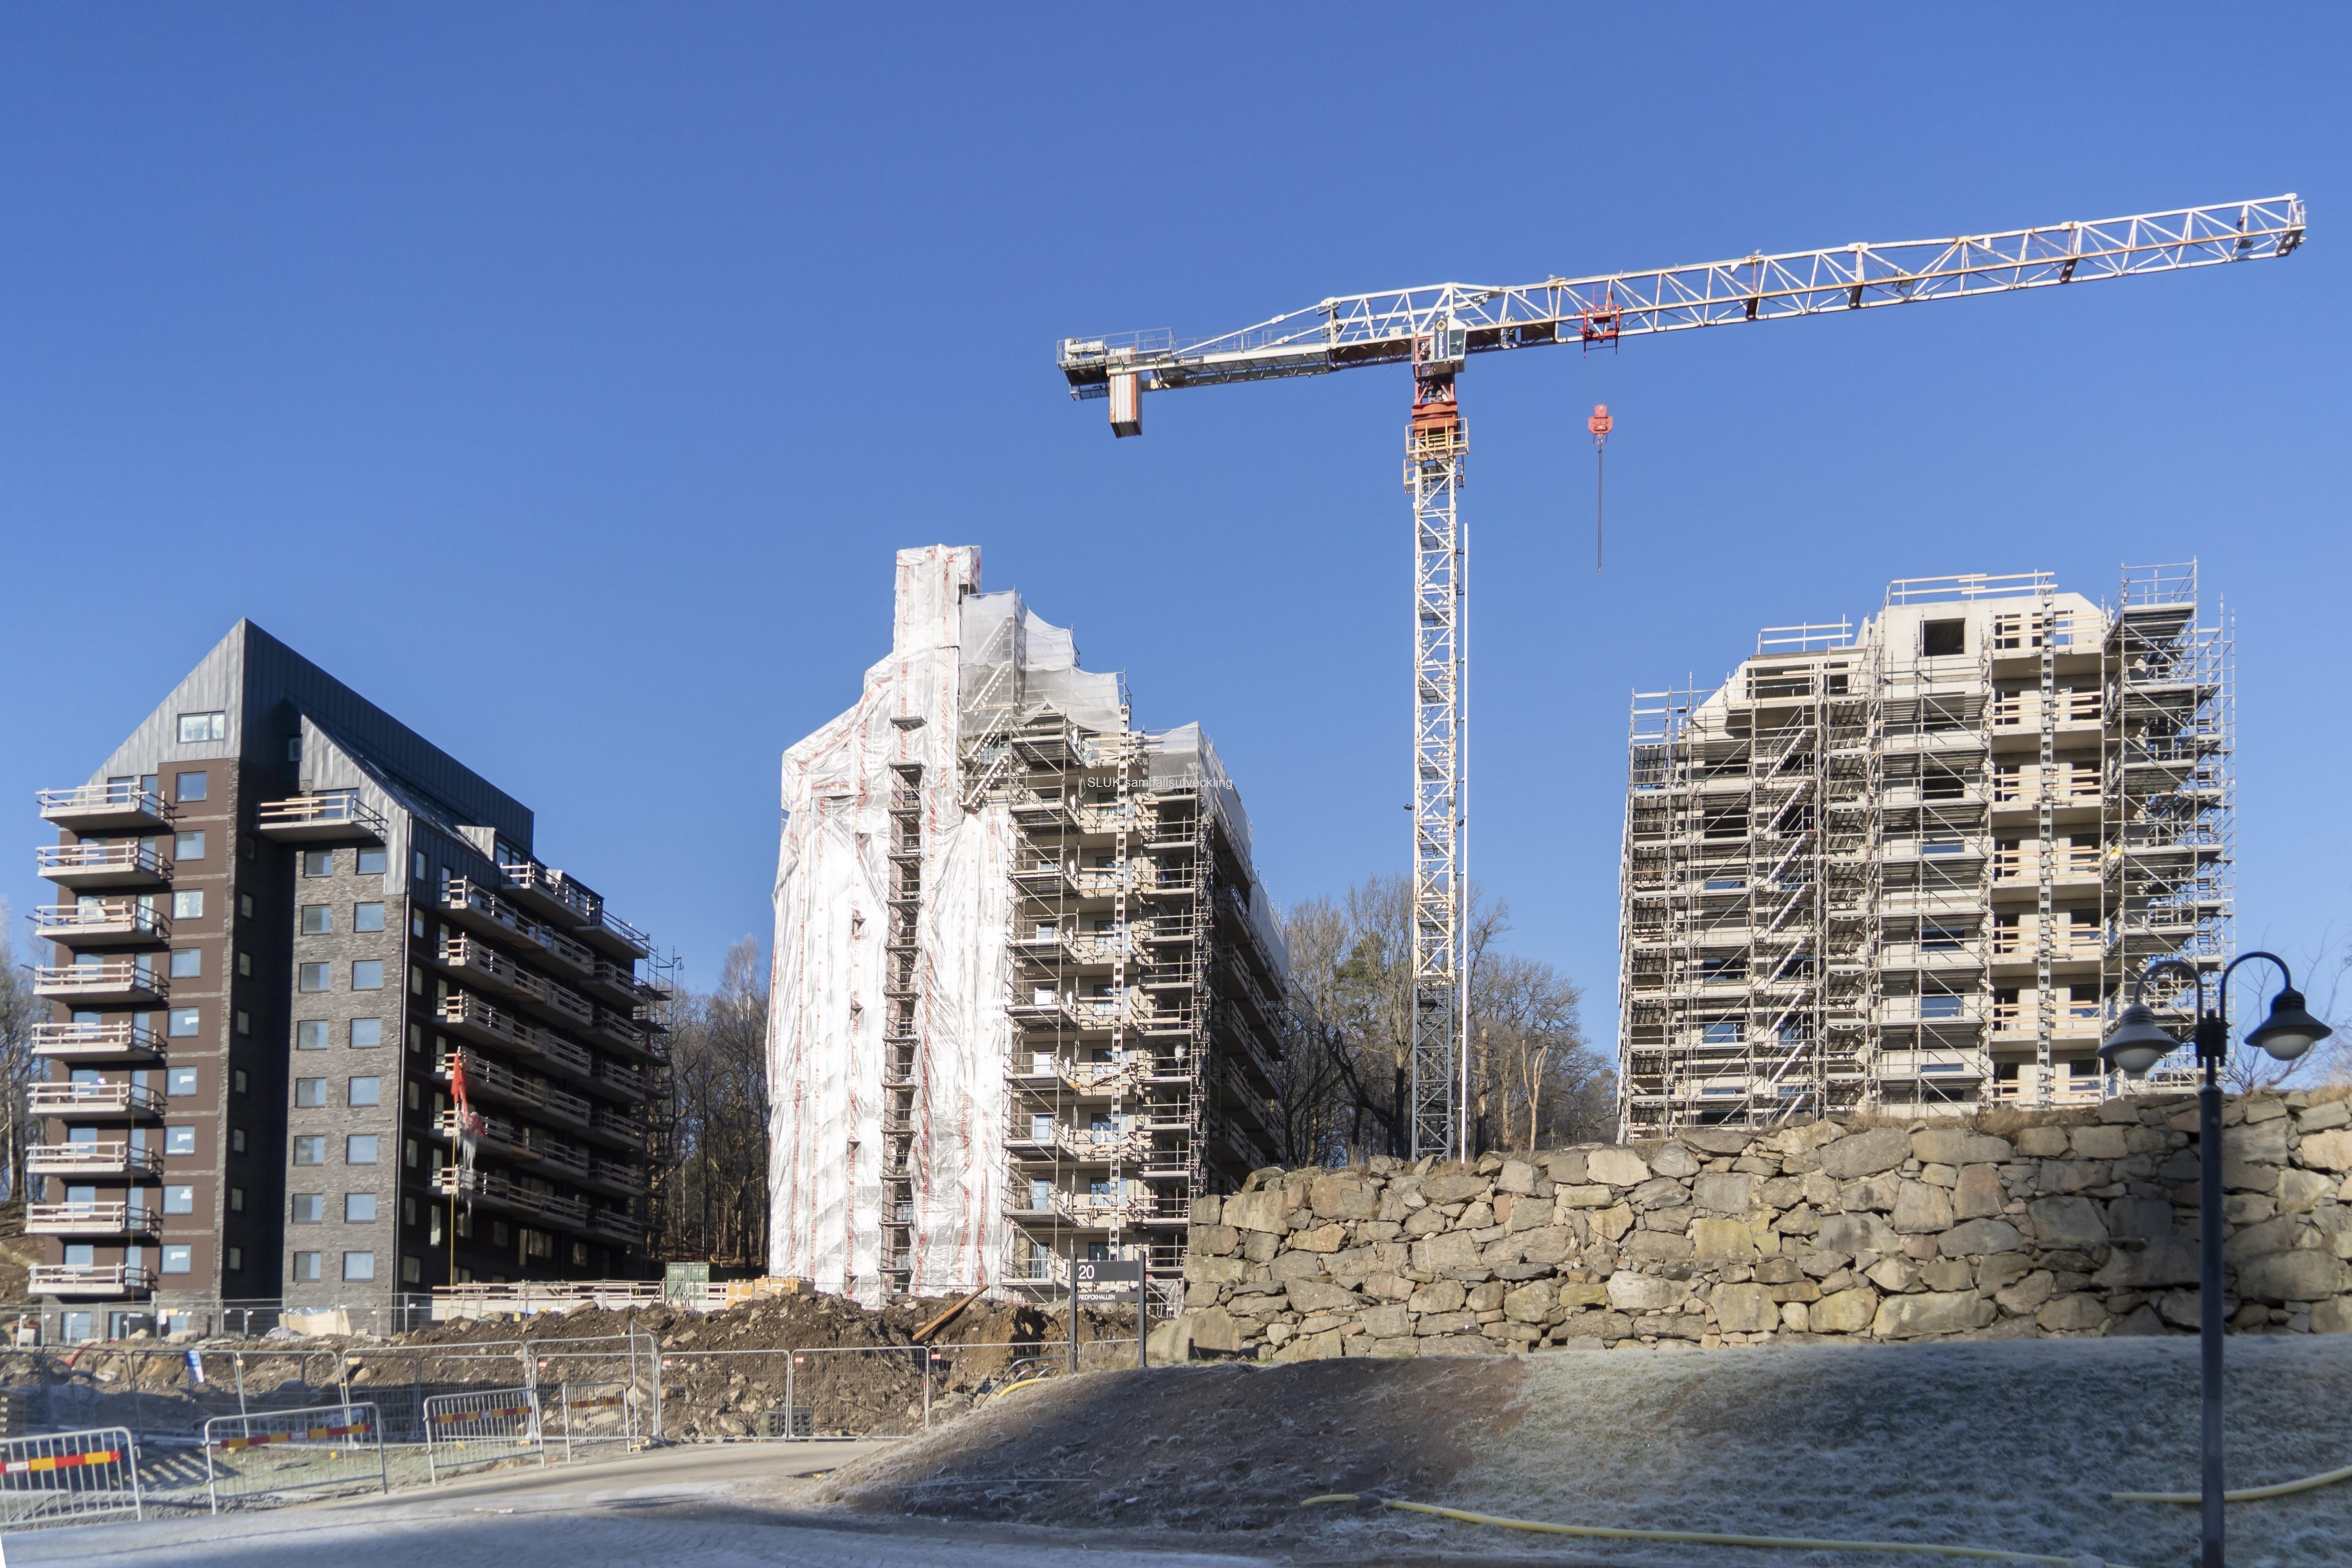 Här uppförs nya bostäder, som kommer att bli klara till sommaren.